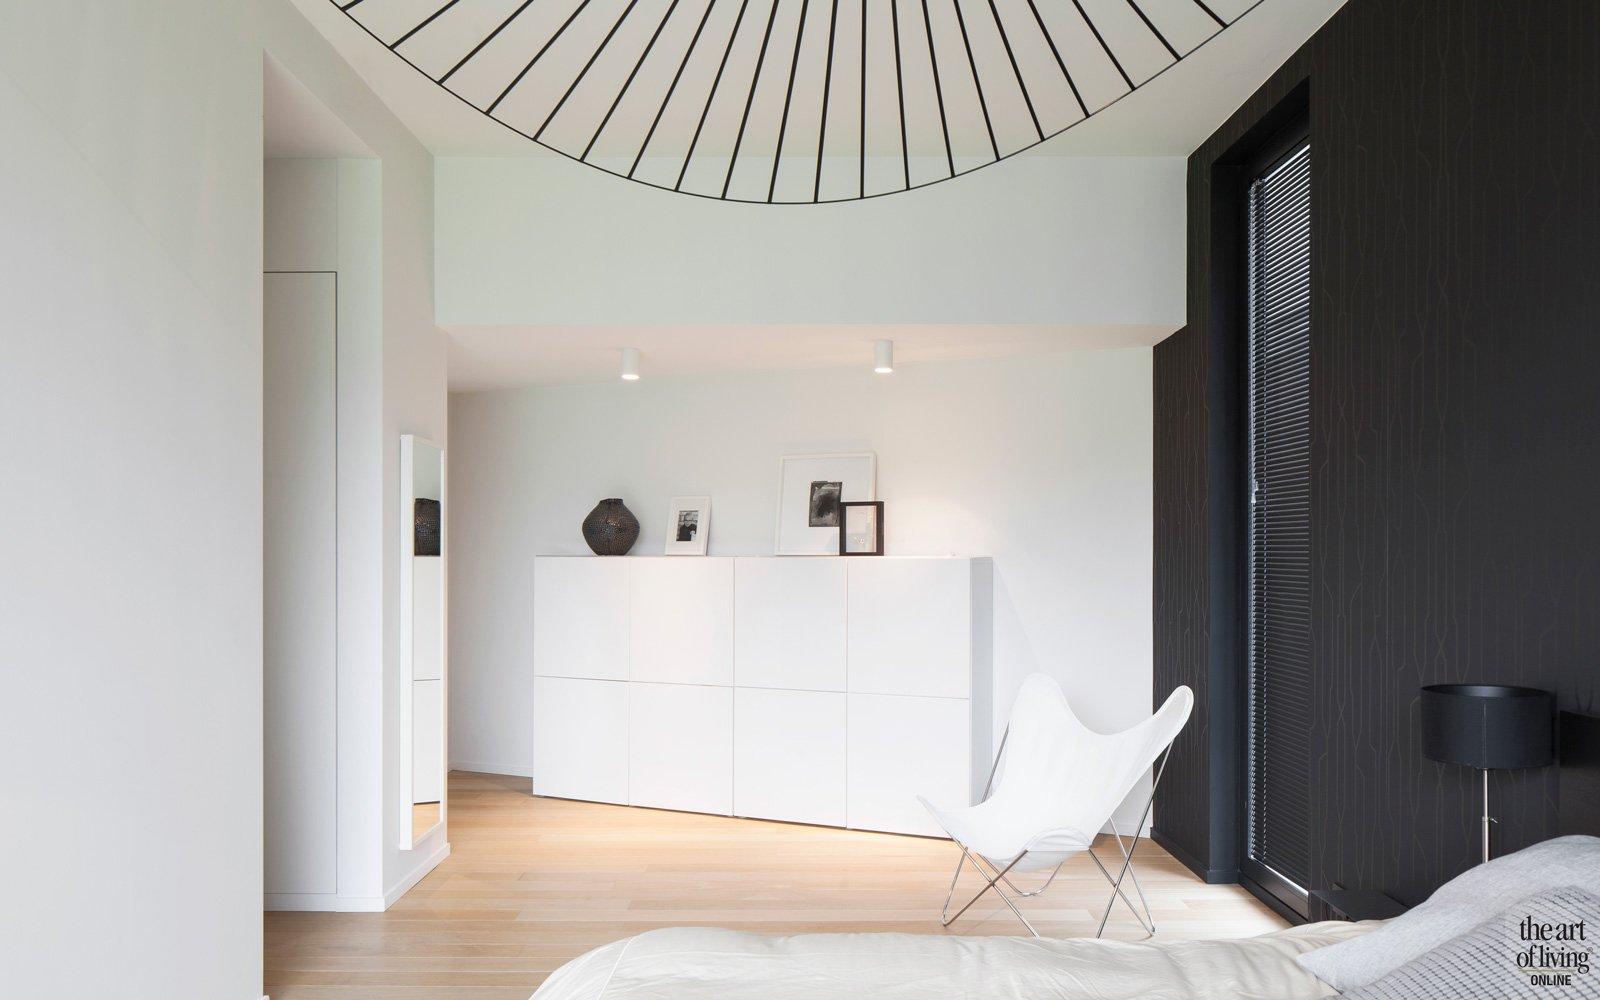 Slaapkamer, houten vloer, woning Hervé vanden Haute